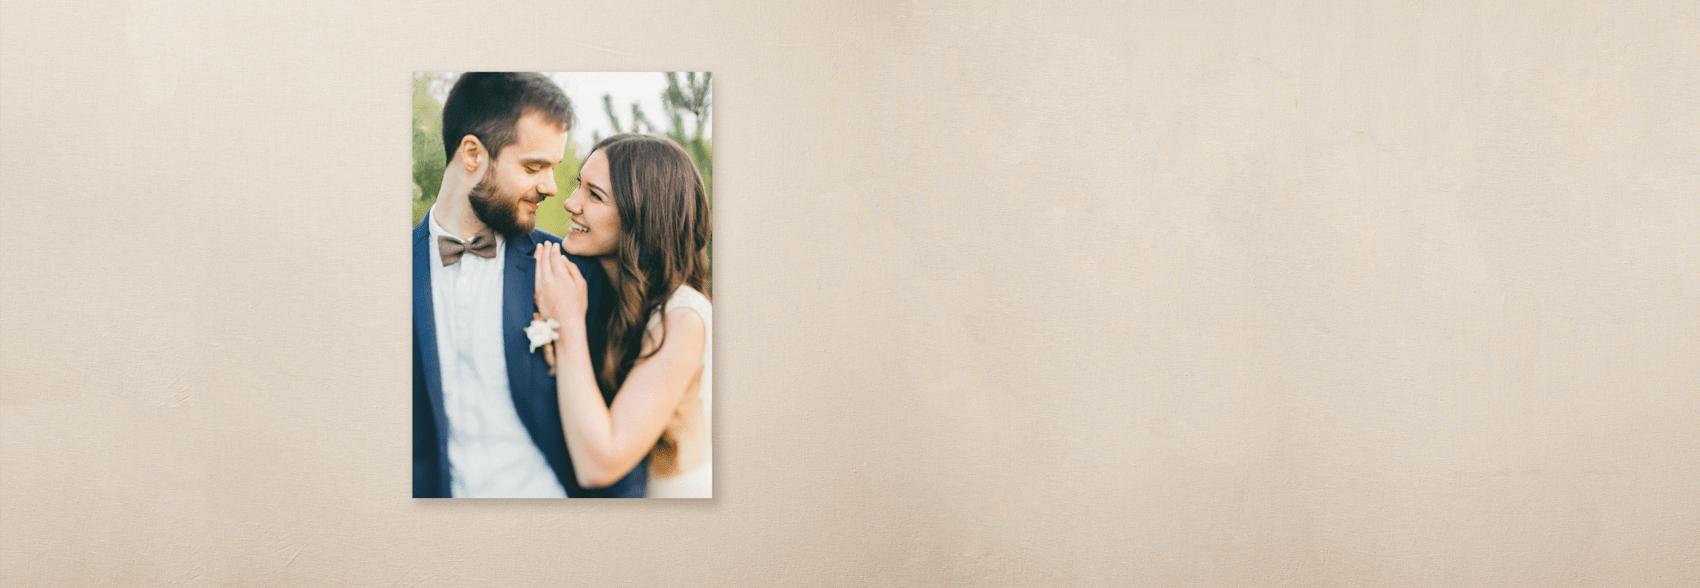 foam board photo prints